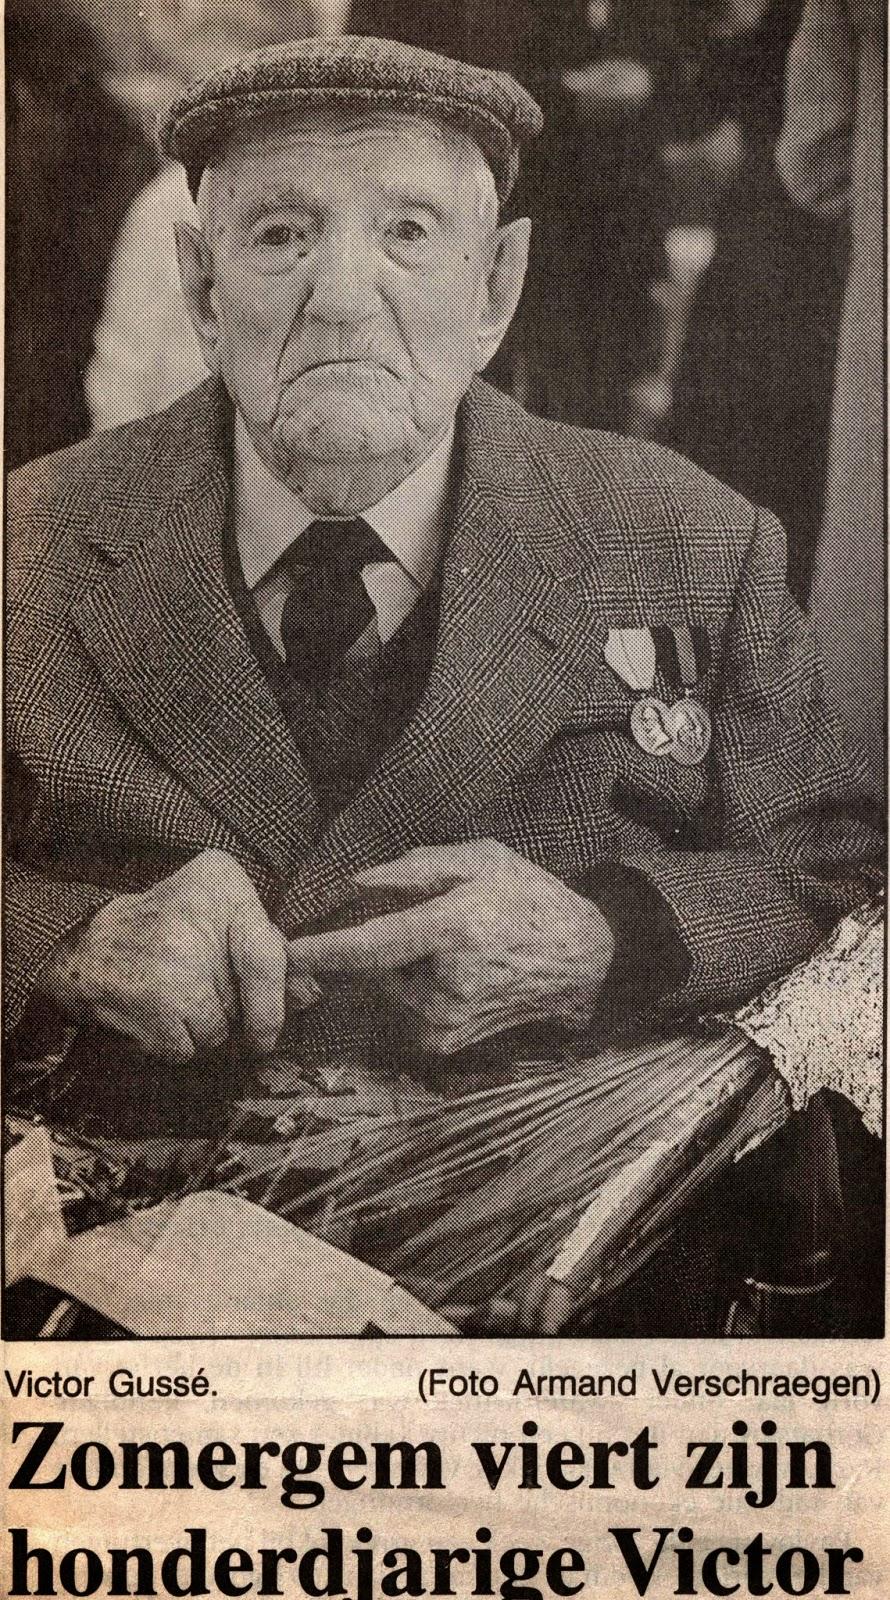 Oud-strijder Victor Gussé 1891-1991. Krantenartikel met onbekende oorsprong.